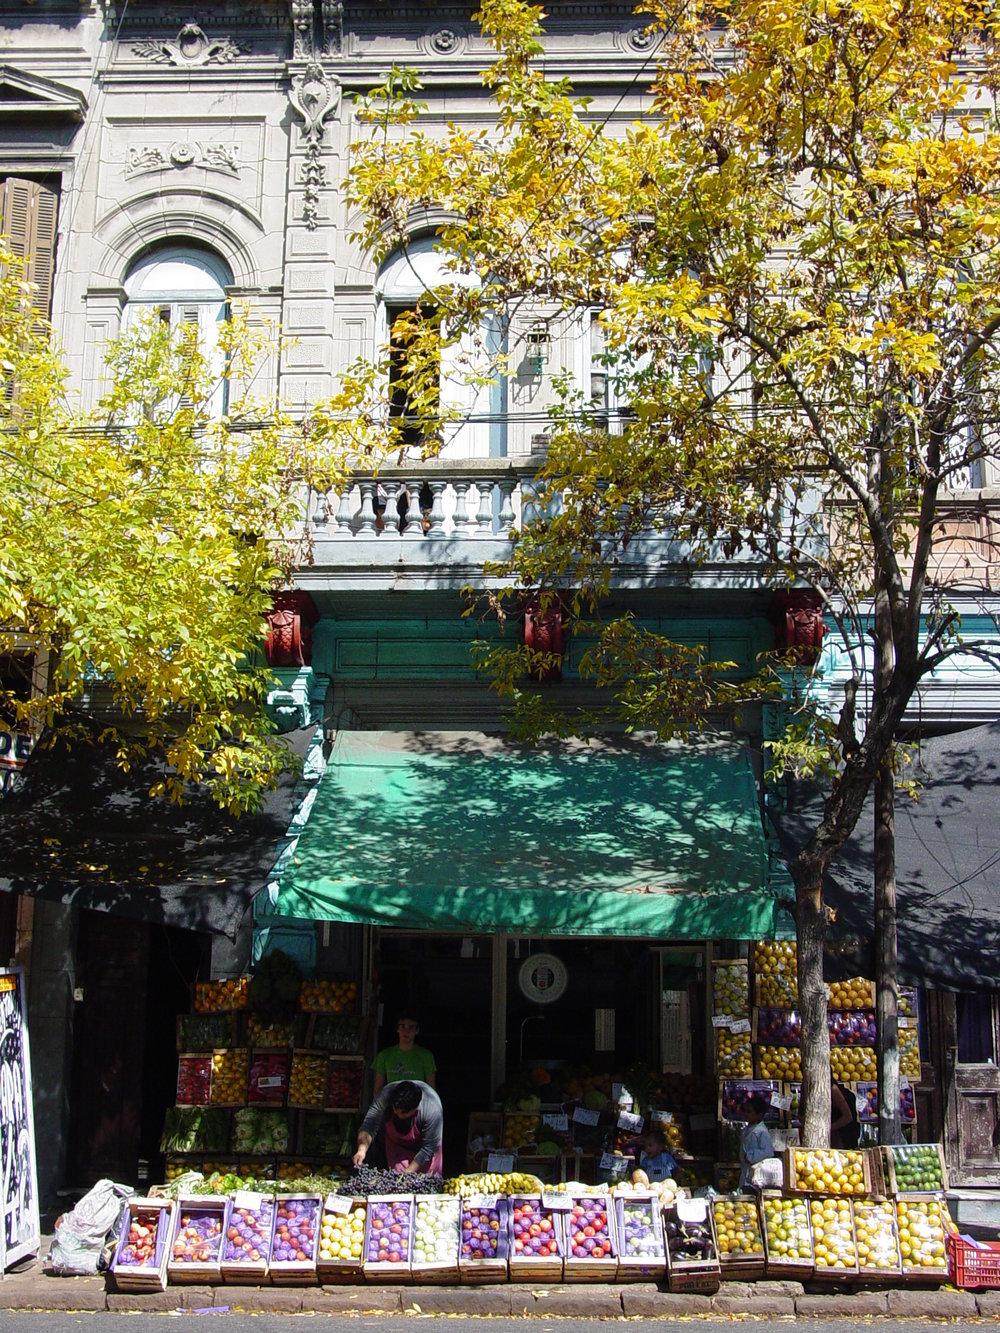 Market_in_La_Boca_-_Buenos_Aires_-_Argentina.JPG